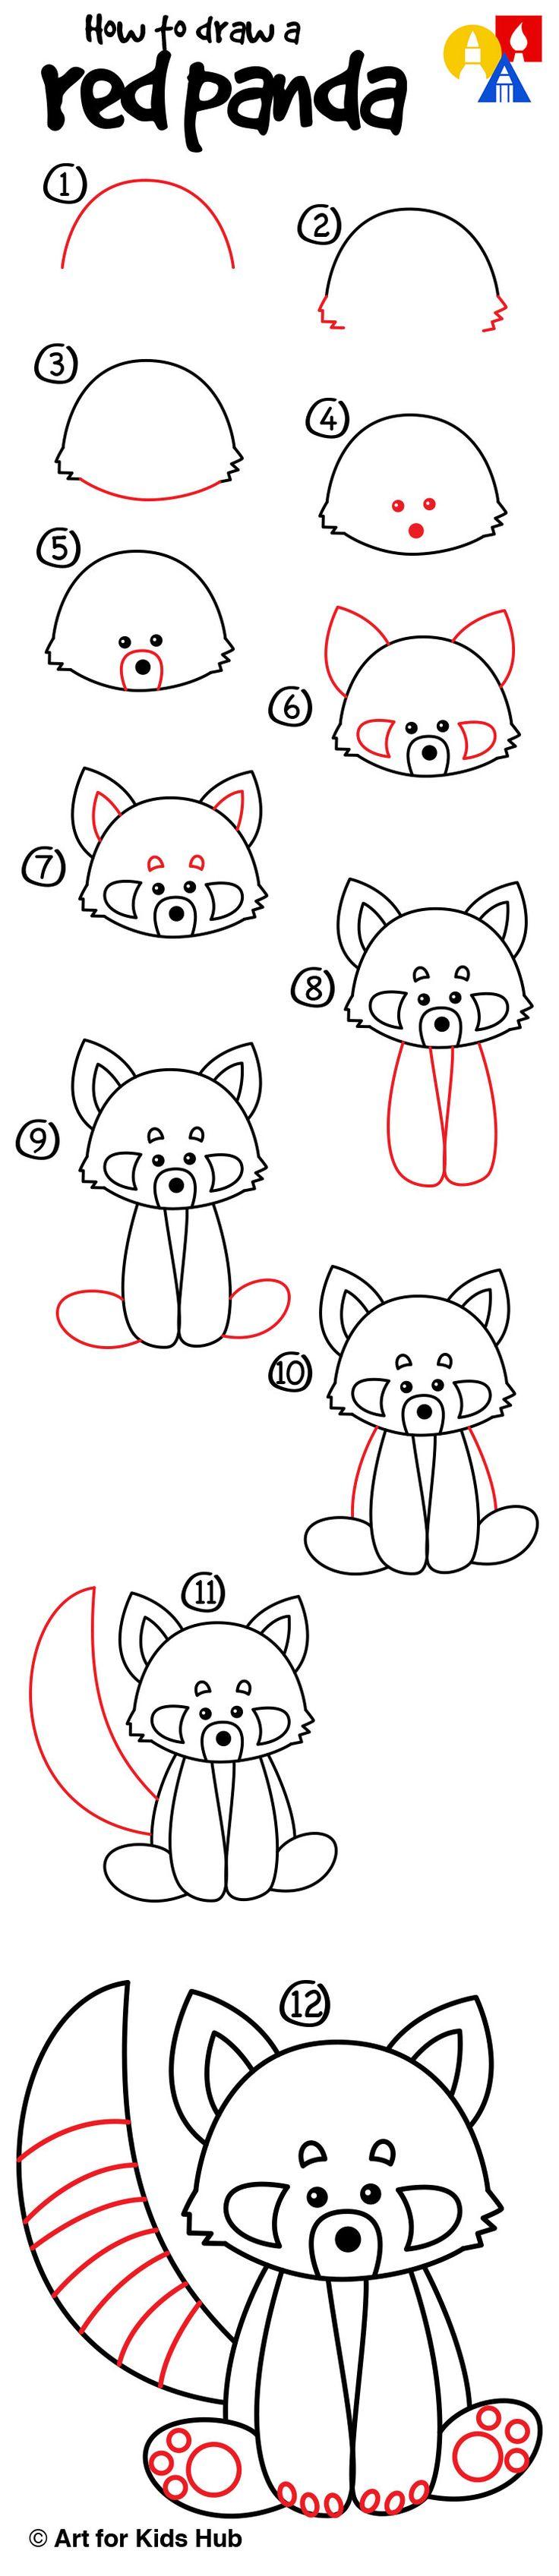 Apprendre à dessiner un panda rouge!